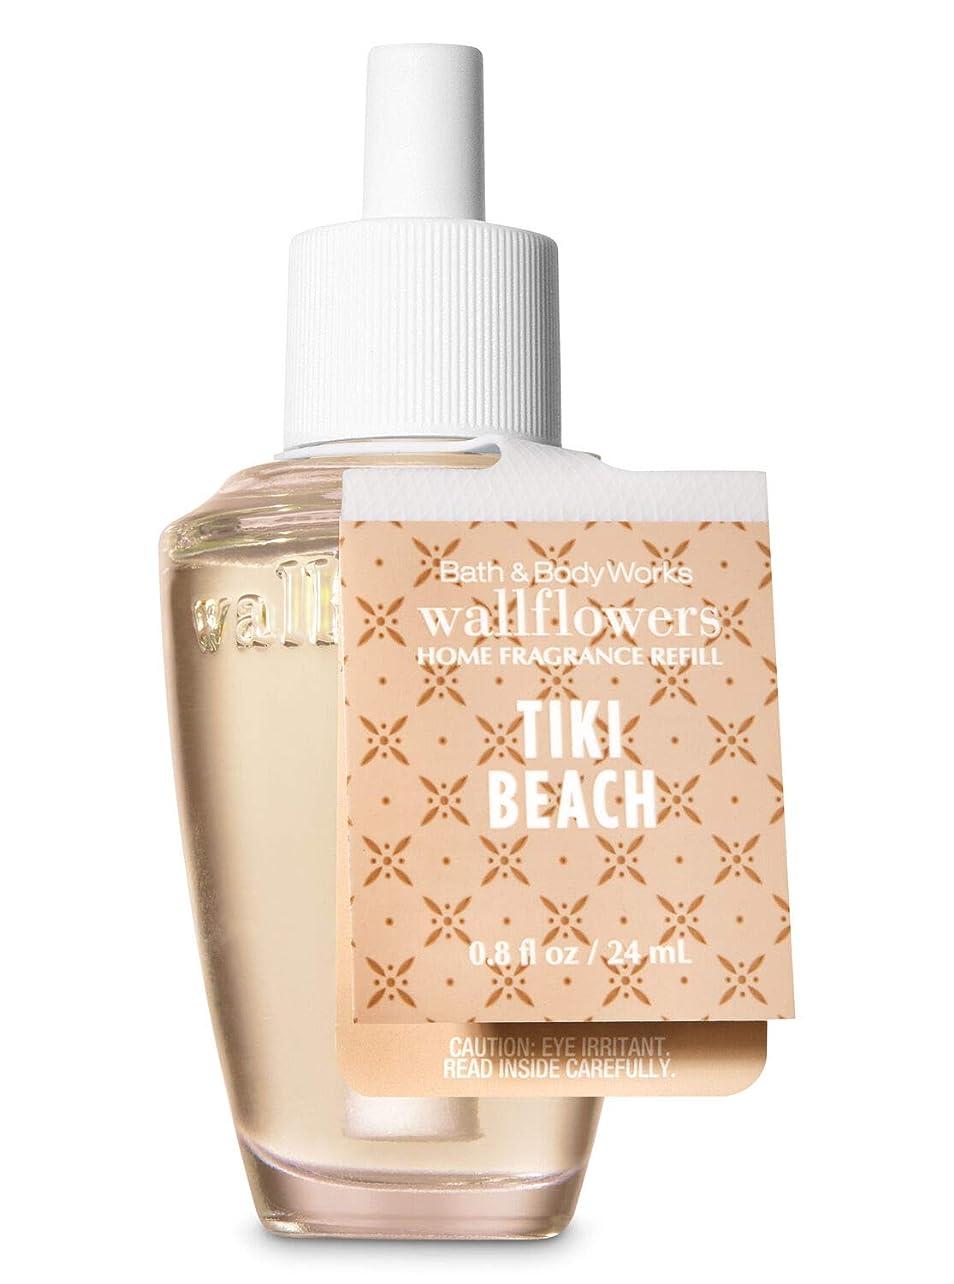 痛み文明化昨日【Bath&Body Works/バス&ボディワークス】 ルームフレグランス 詰替えリフィル ティキビーチ Wallflowers Home Fragrance Refill Tiki Beach [並行輸入品]